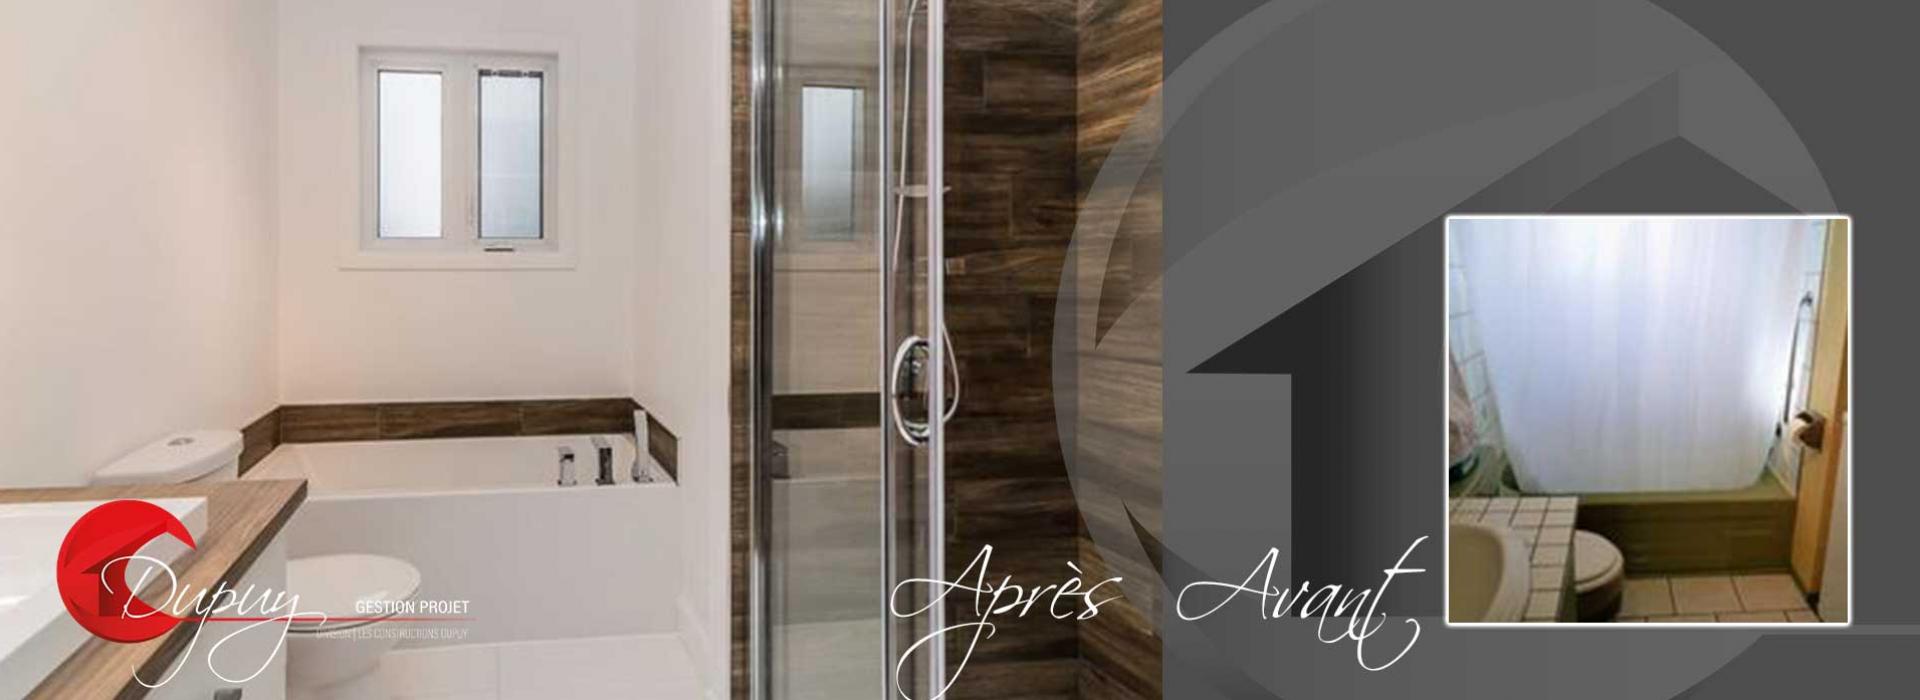 01-salle-de-bain-avant-apres-construction-dupuy-gestion-projet.png